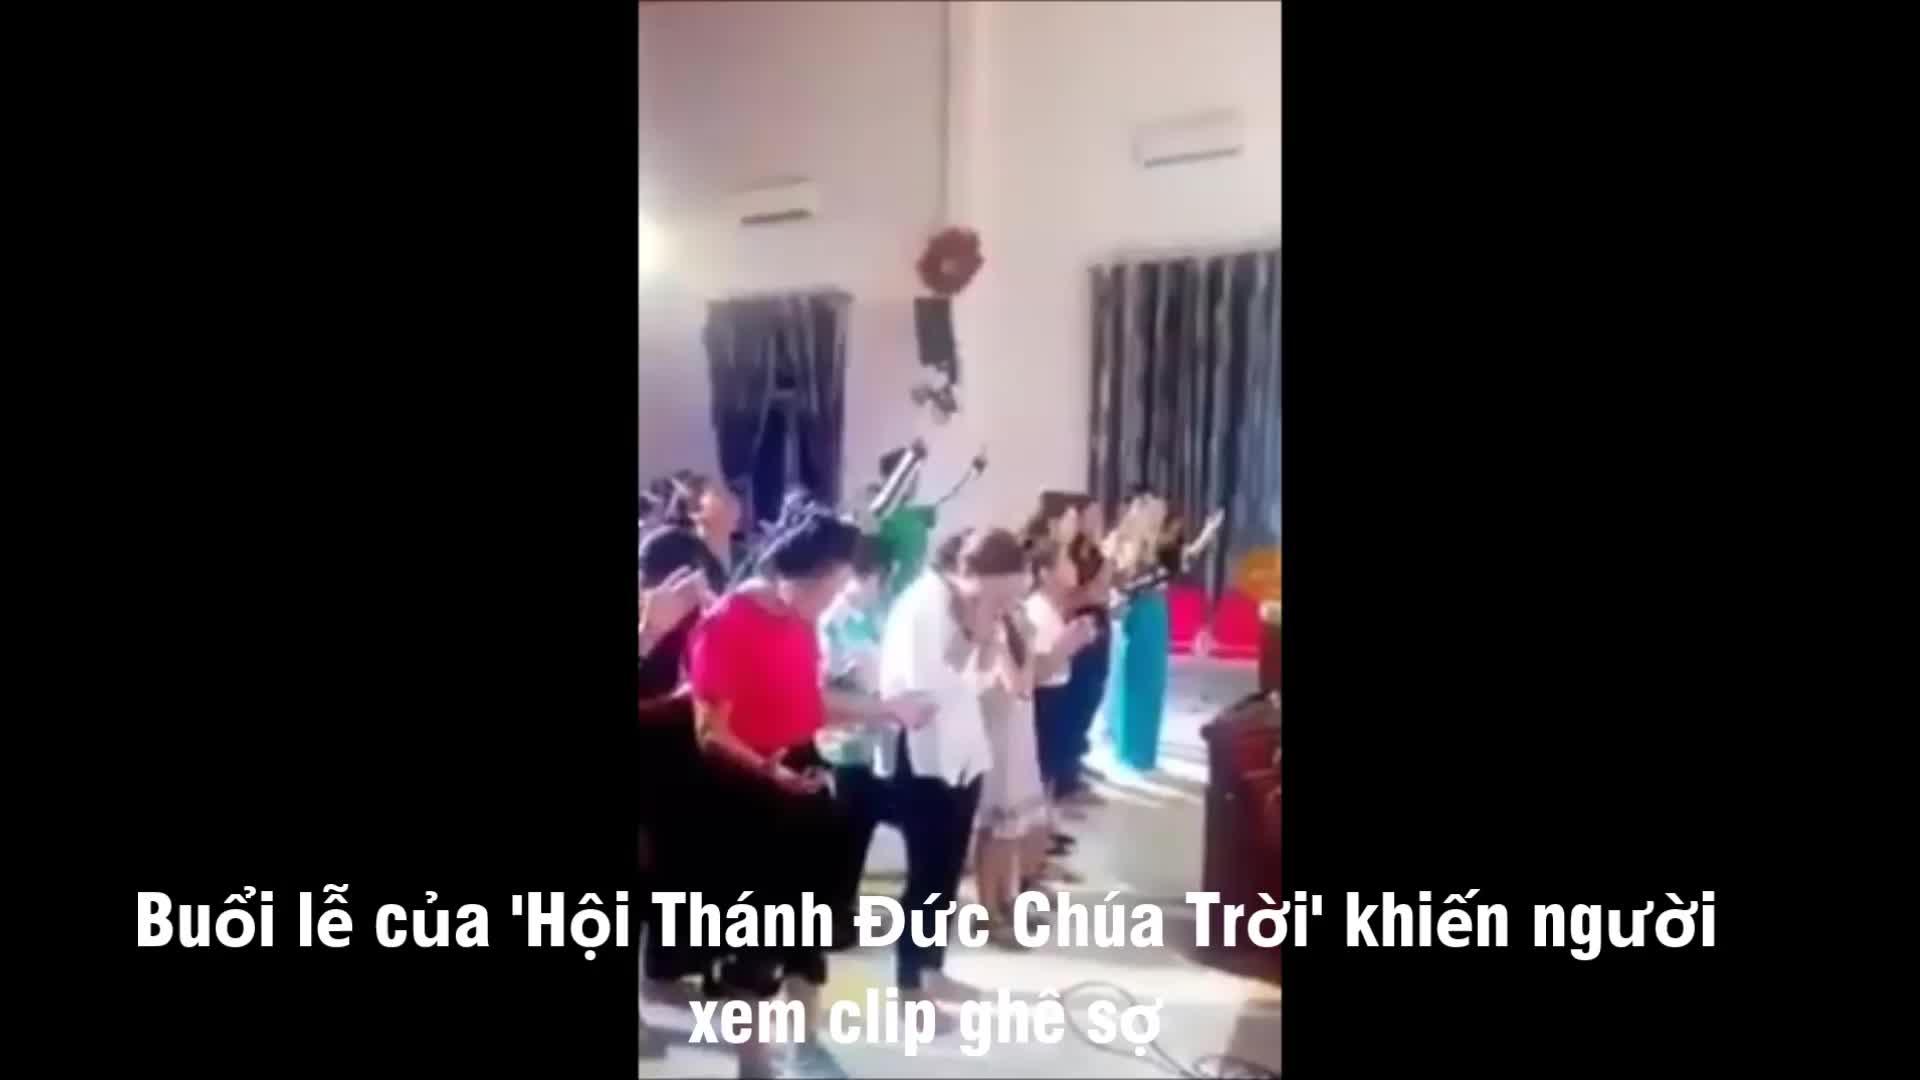 Video clip lễ truyền giáo của tín đồ \u0027Hội thánh đức chúa trời\u0027 có gì lạ? - Tuổi Trẻ Online